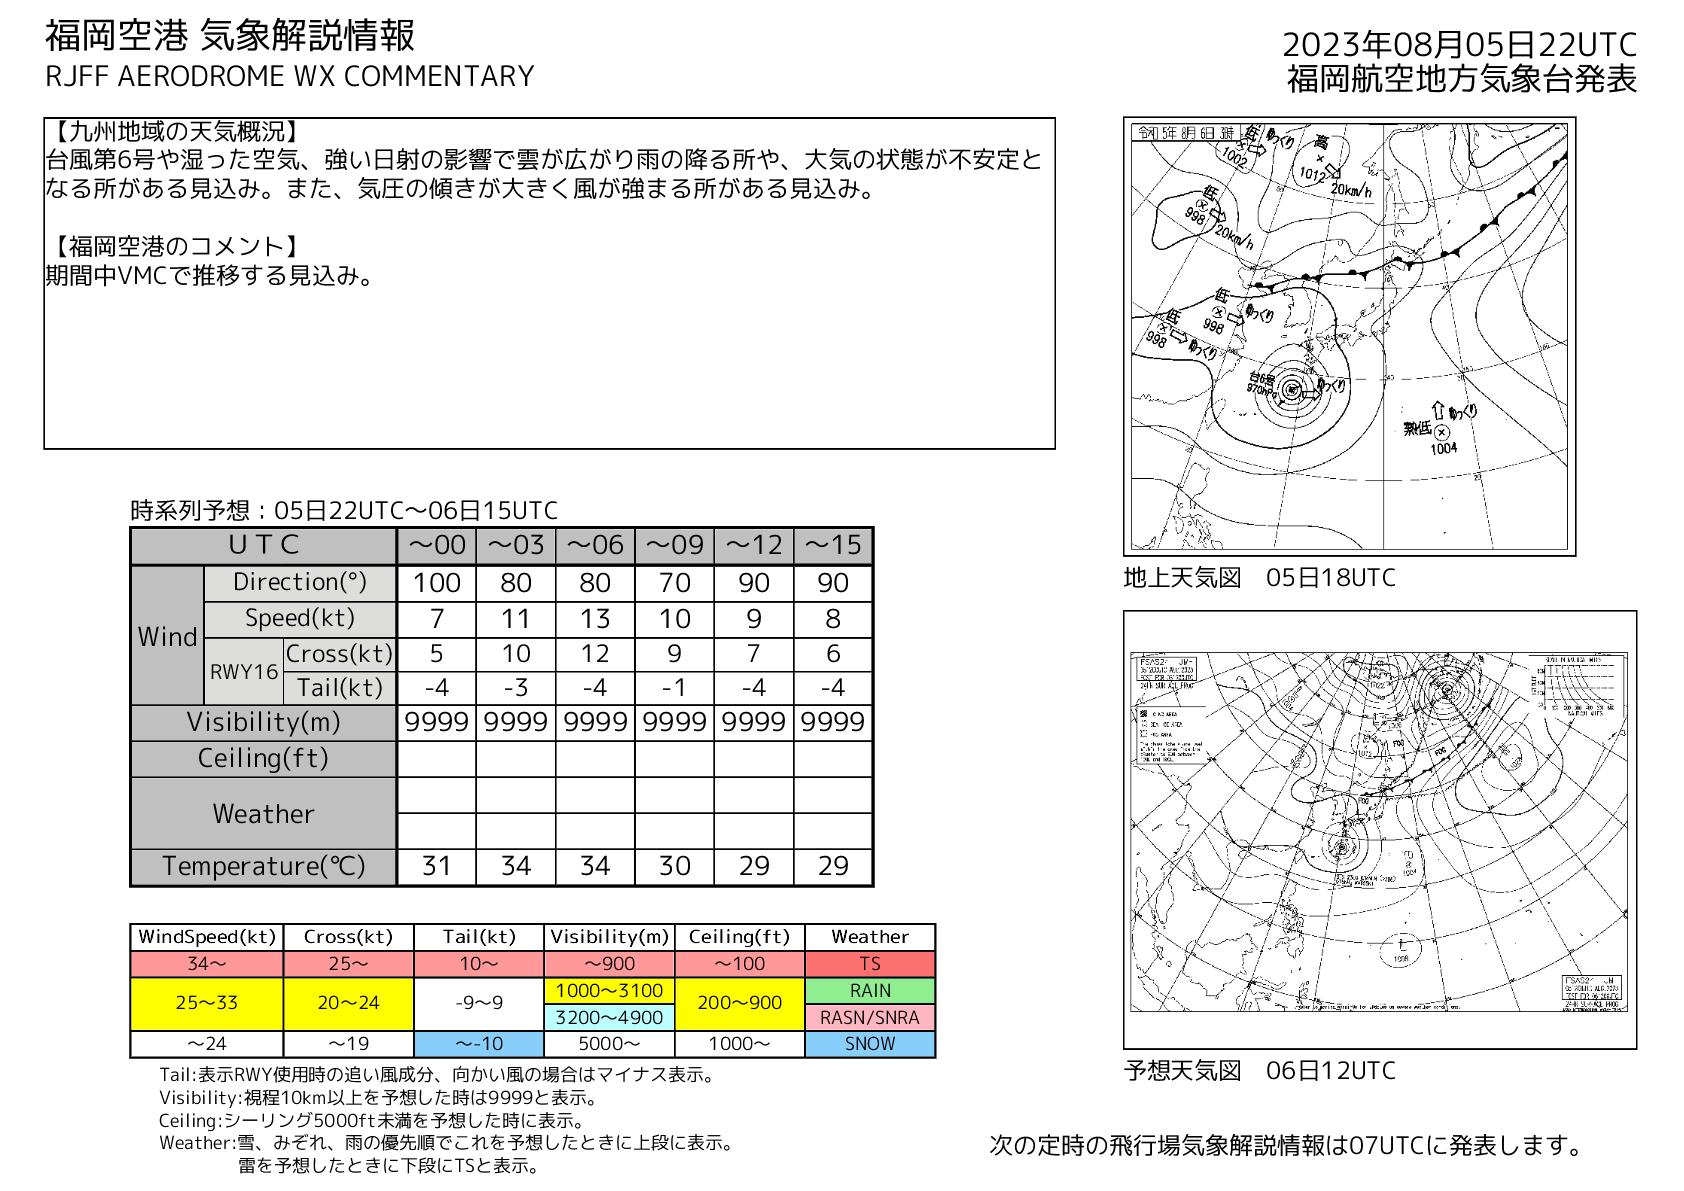 福岡空港 飛行場気象解説情報(定時)